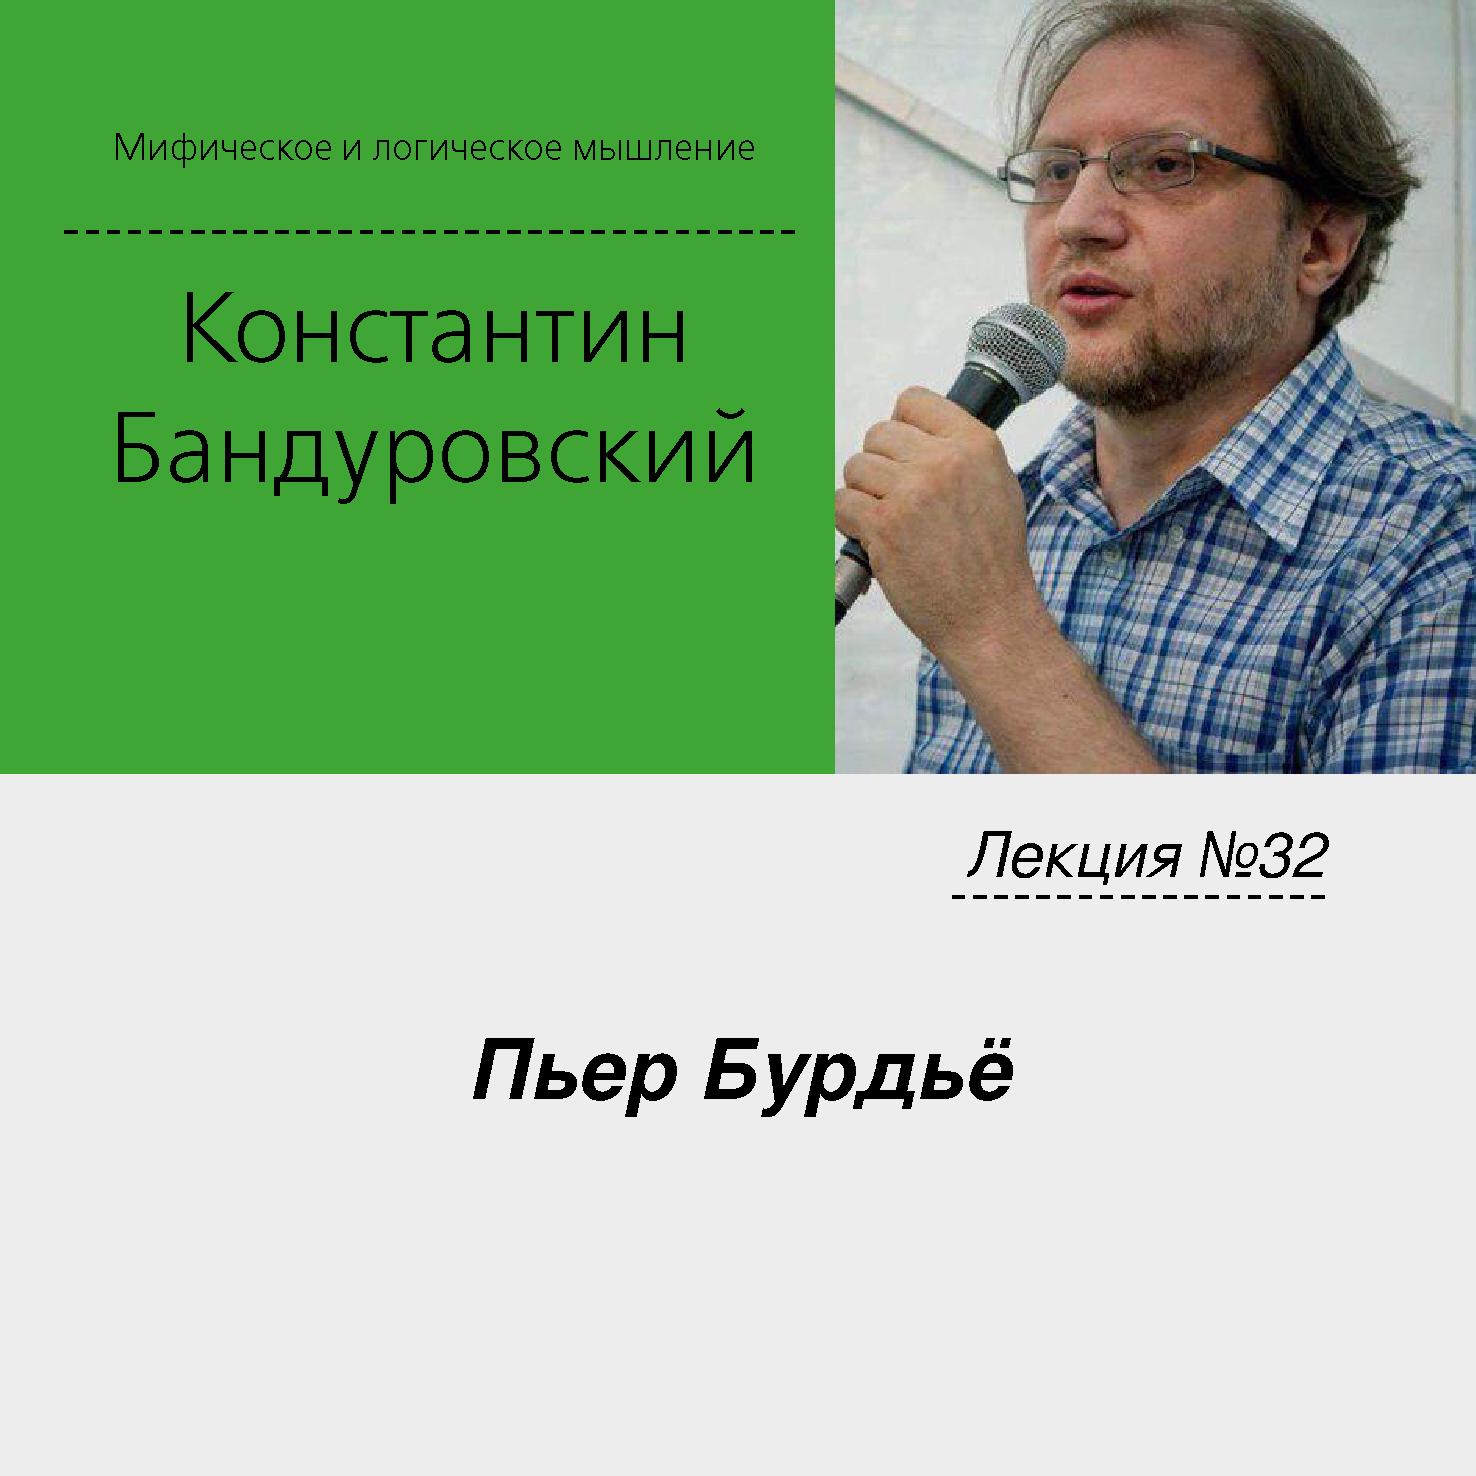 Константин Бандуровский Лекция №32 «Пьер Бурдьё»